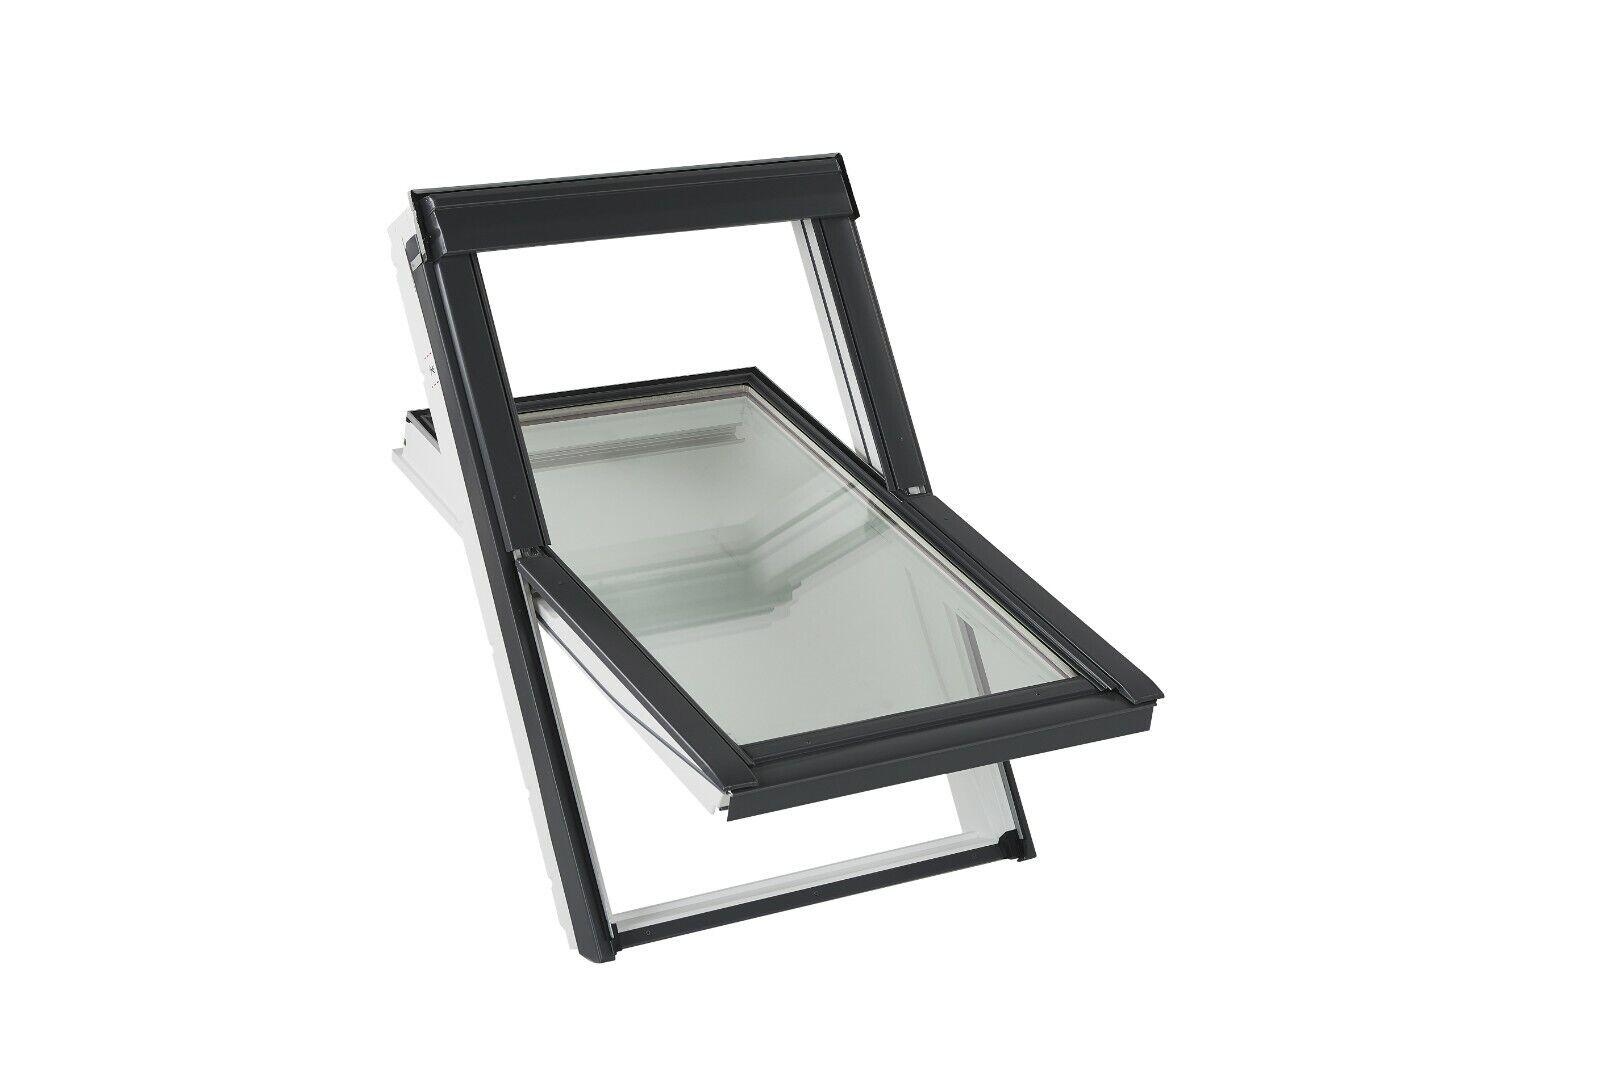 Velux Dachfenster aus Kunststoff mit Eindeckrahmen plus Velux T-Shirt gratis